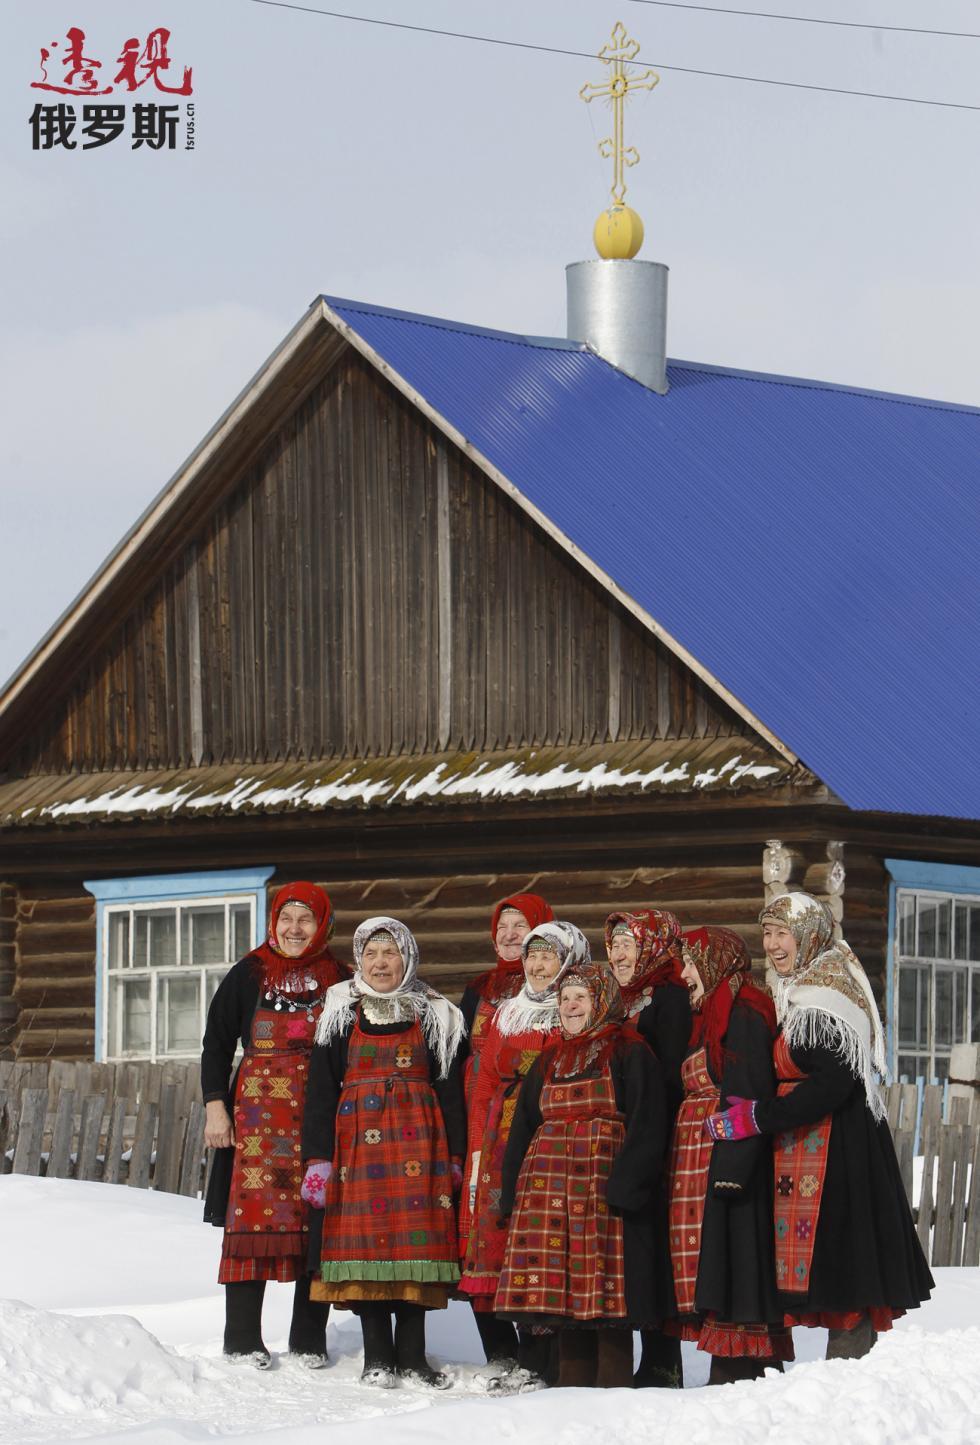 布兰诺沃村的老奶奶。图片来源:路透社